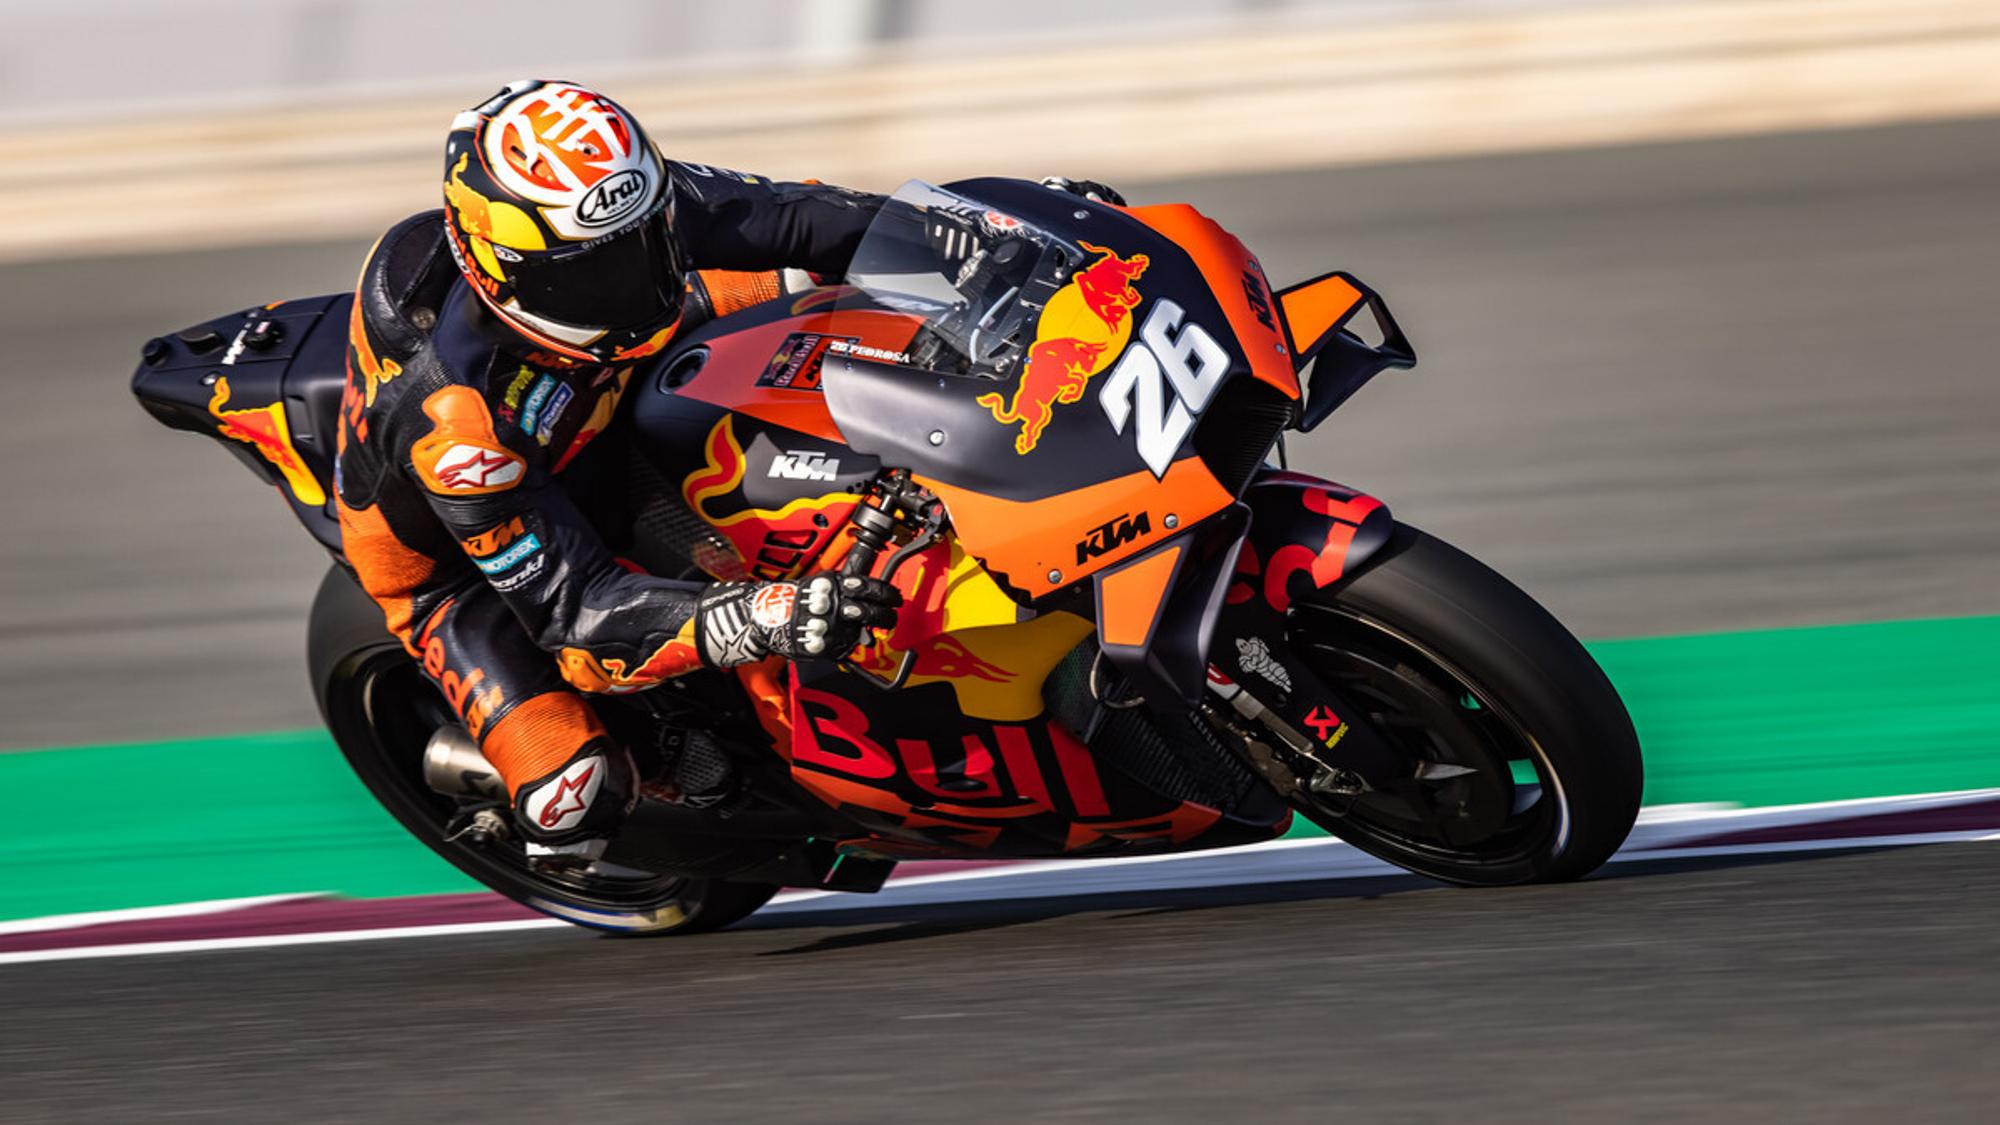 傳奇重磅出場!Red Bull KTM 測試車手 Dani Pedrosa 8 月外卡參賽 MotoGP JK